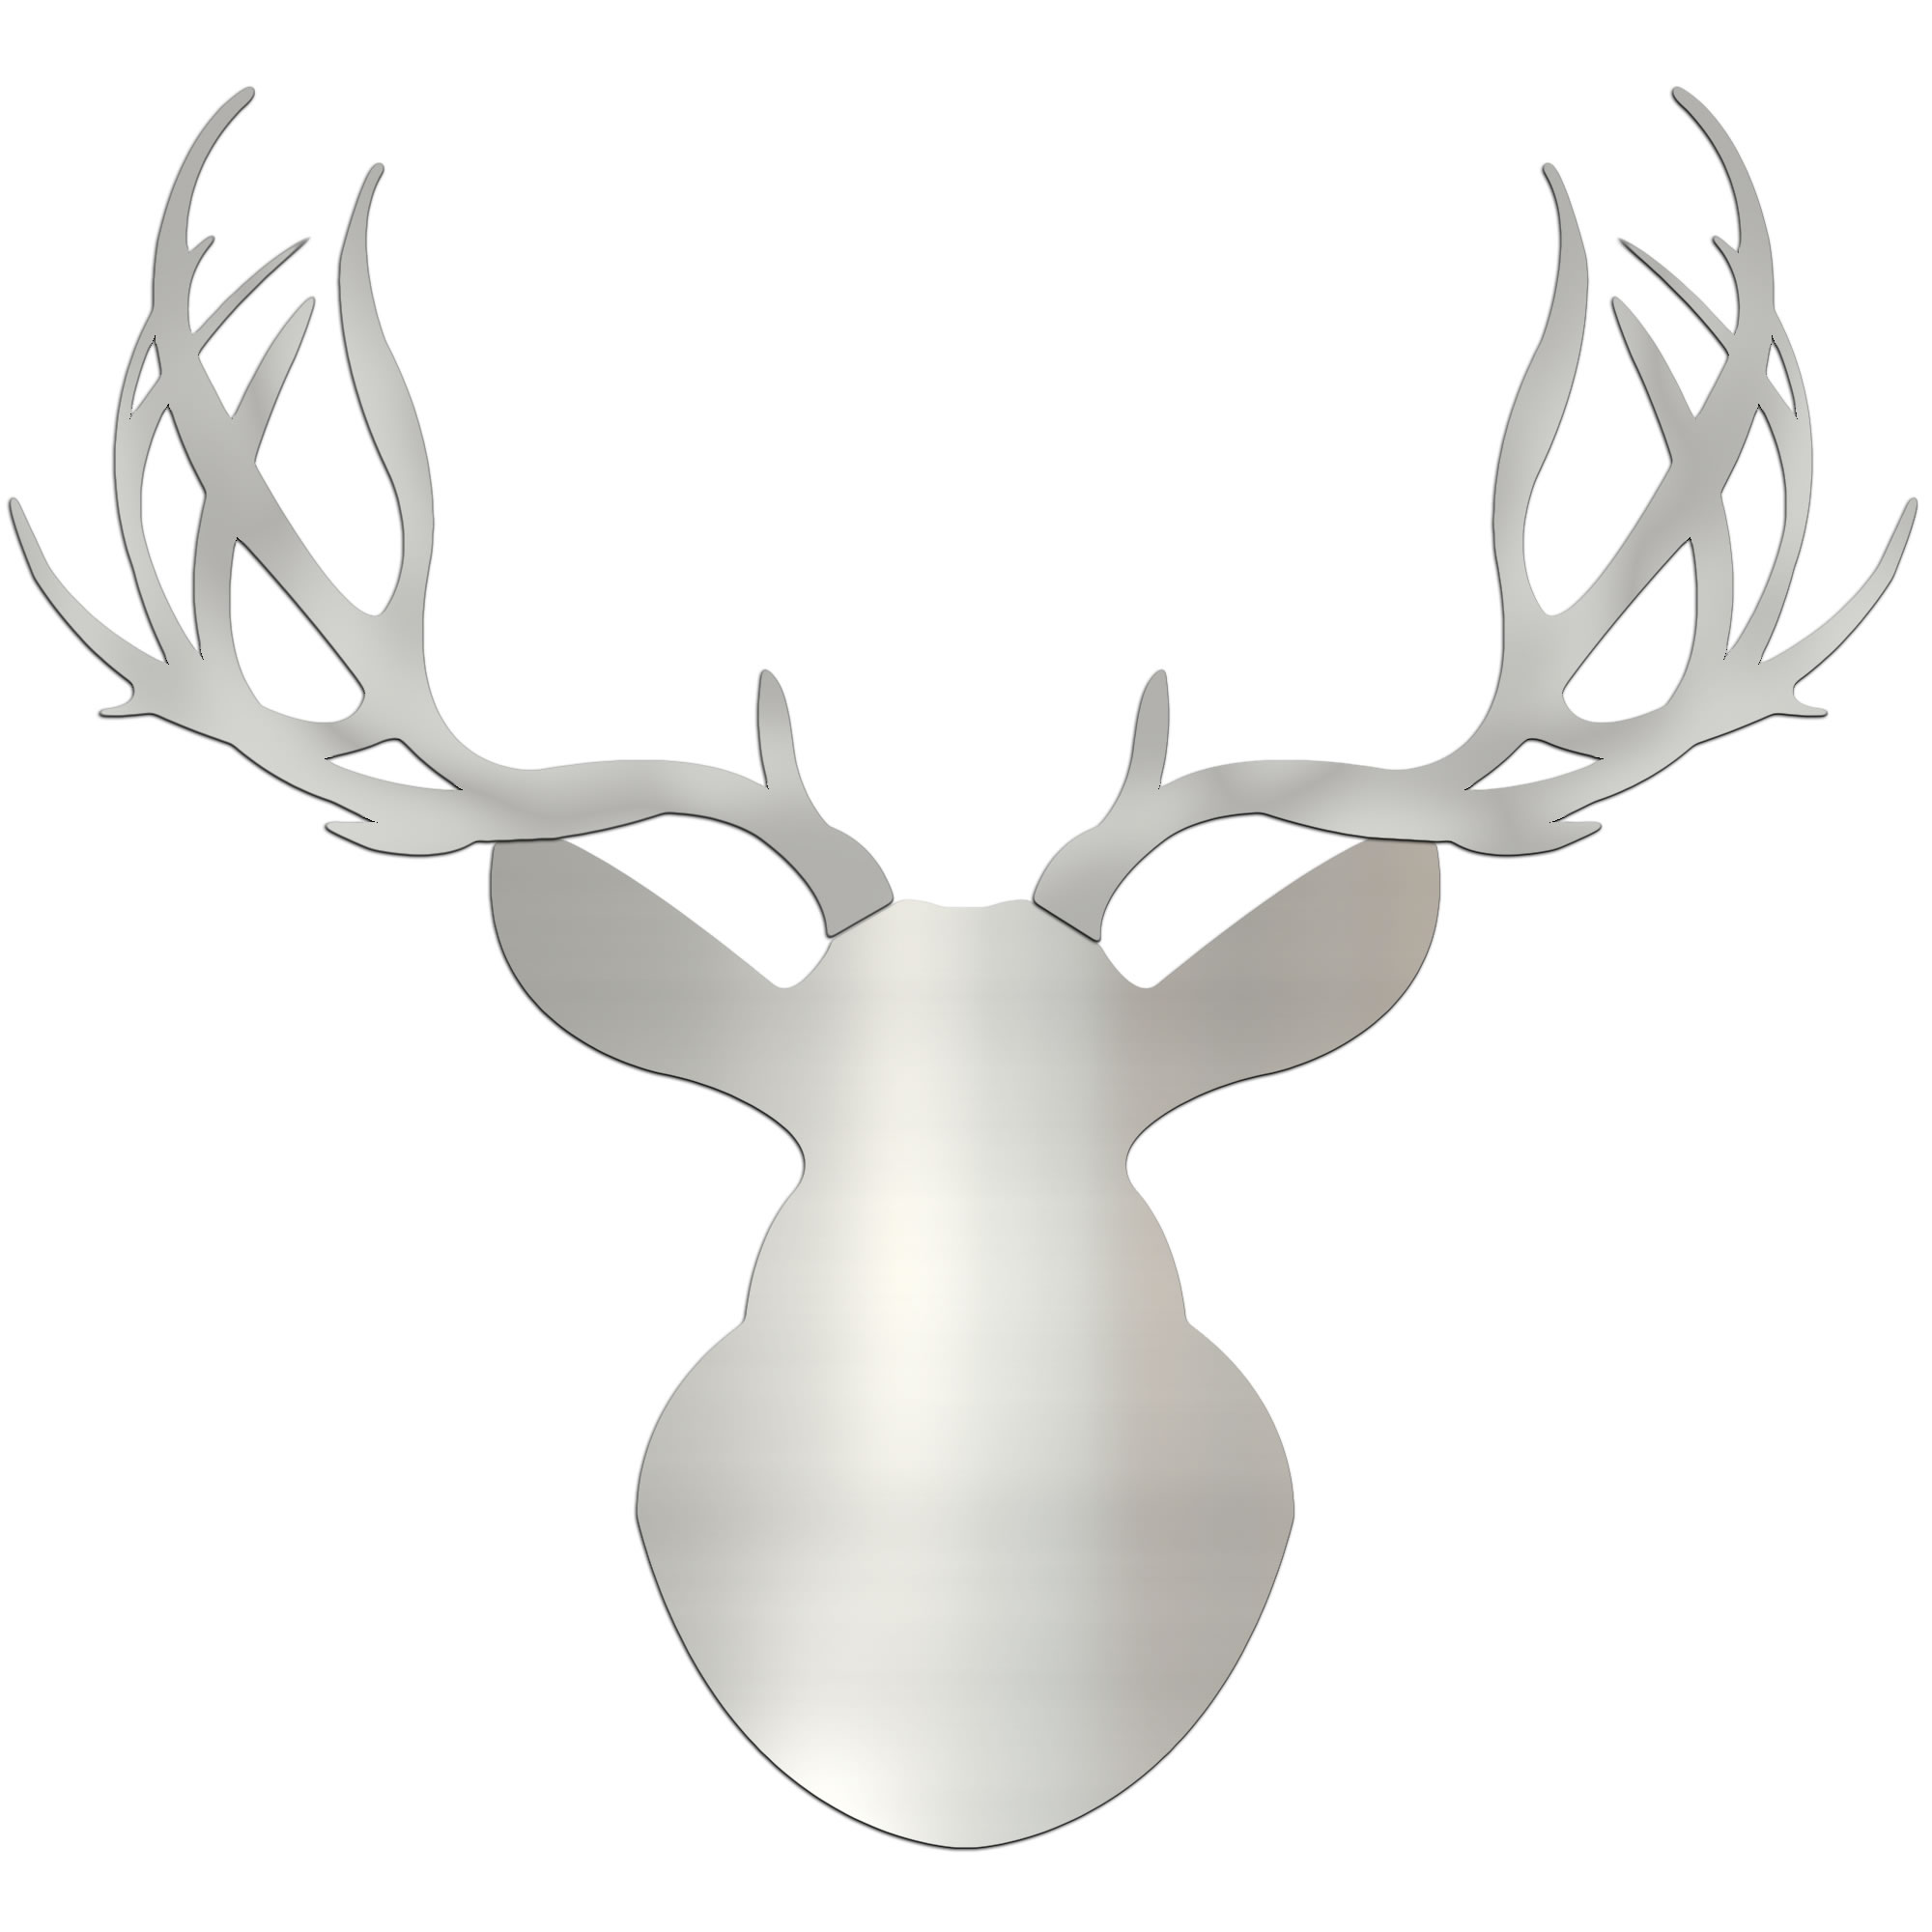 SILVER BUCK - 36x36 in. Metallic Deer Cut-Out